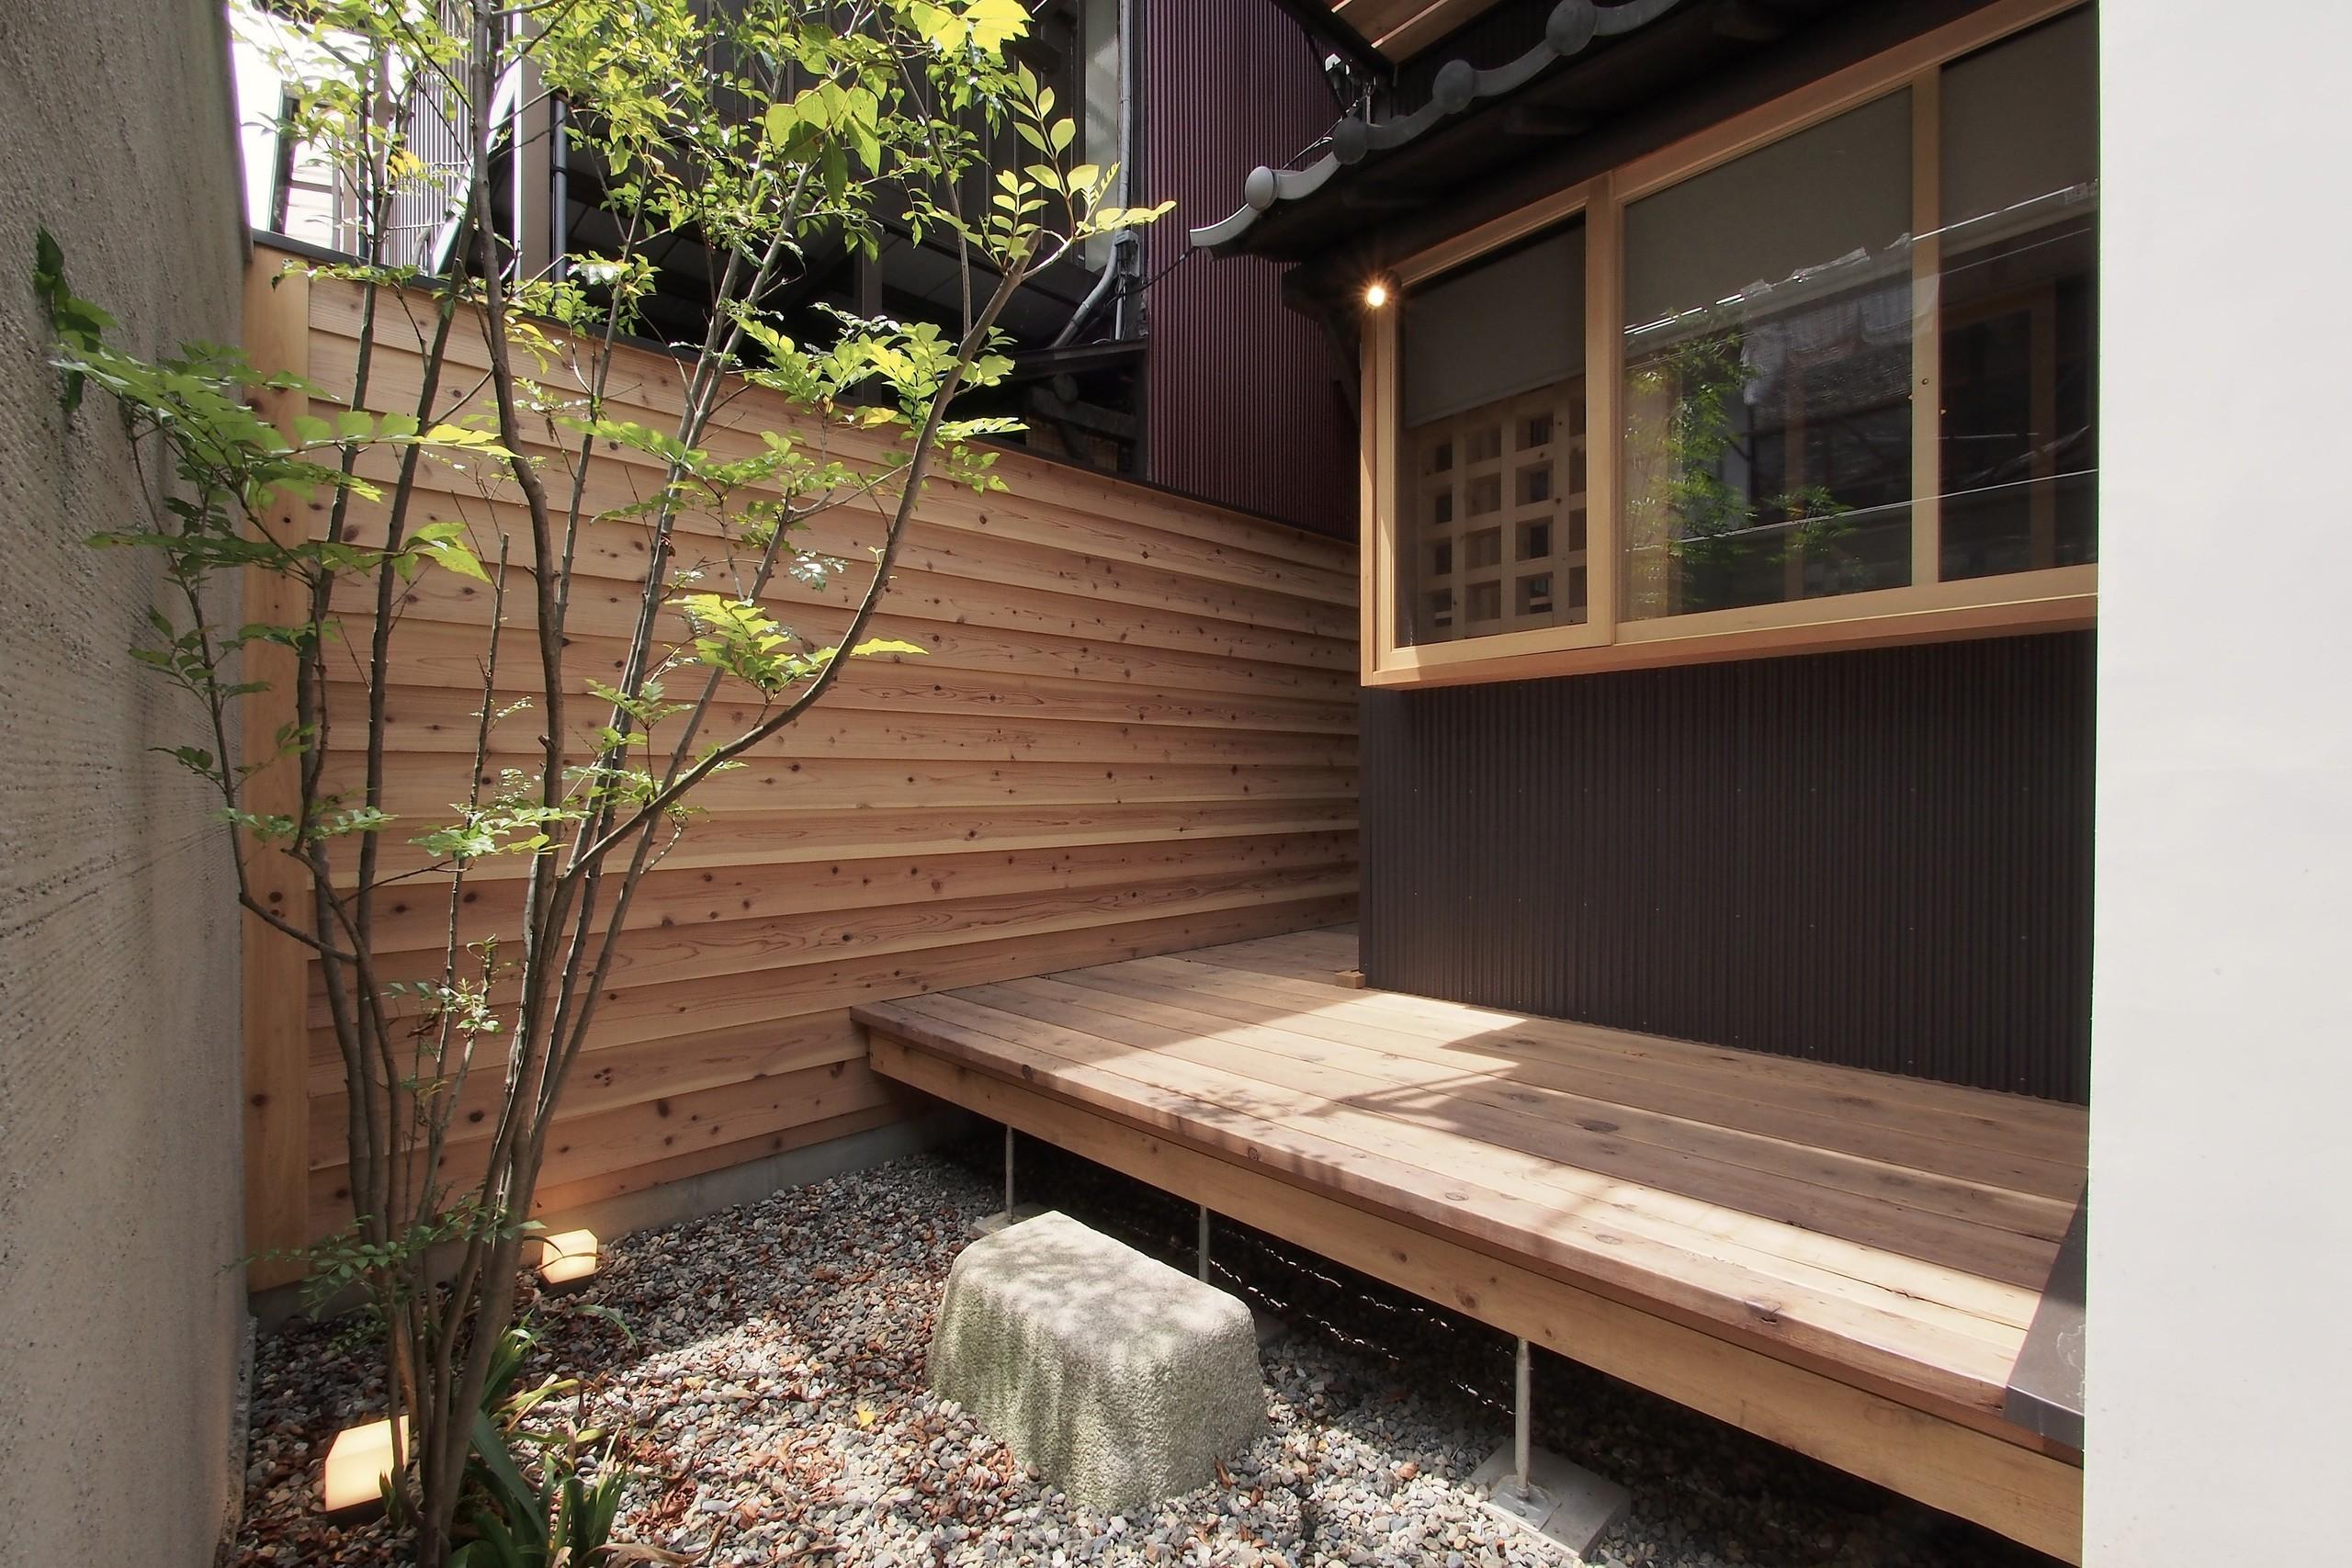 突抜の町家 | 素材の質感 京町屋リノベーションの建築事例写真